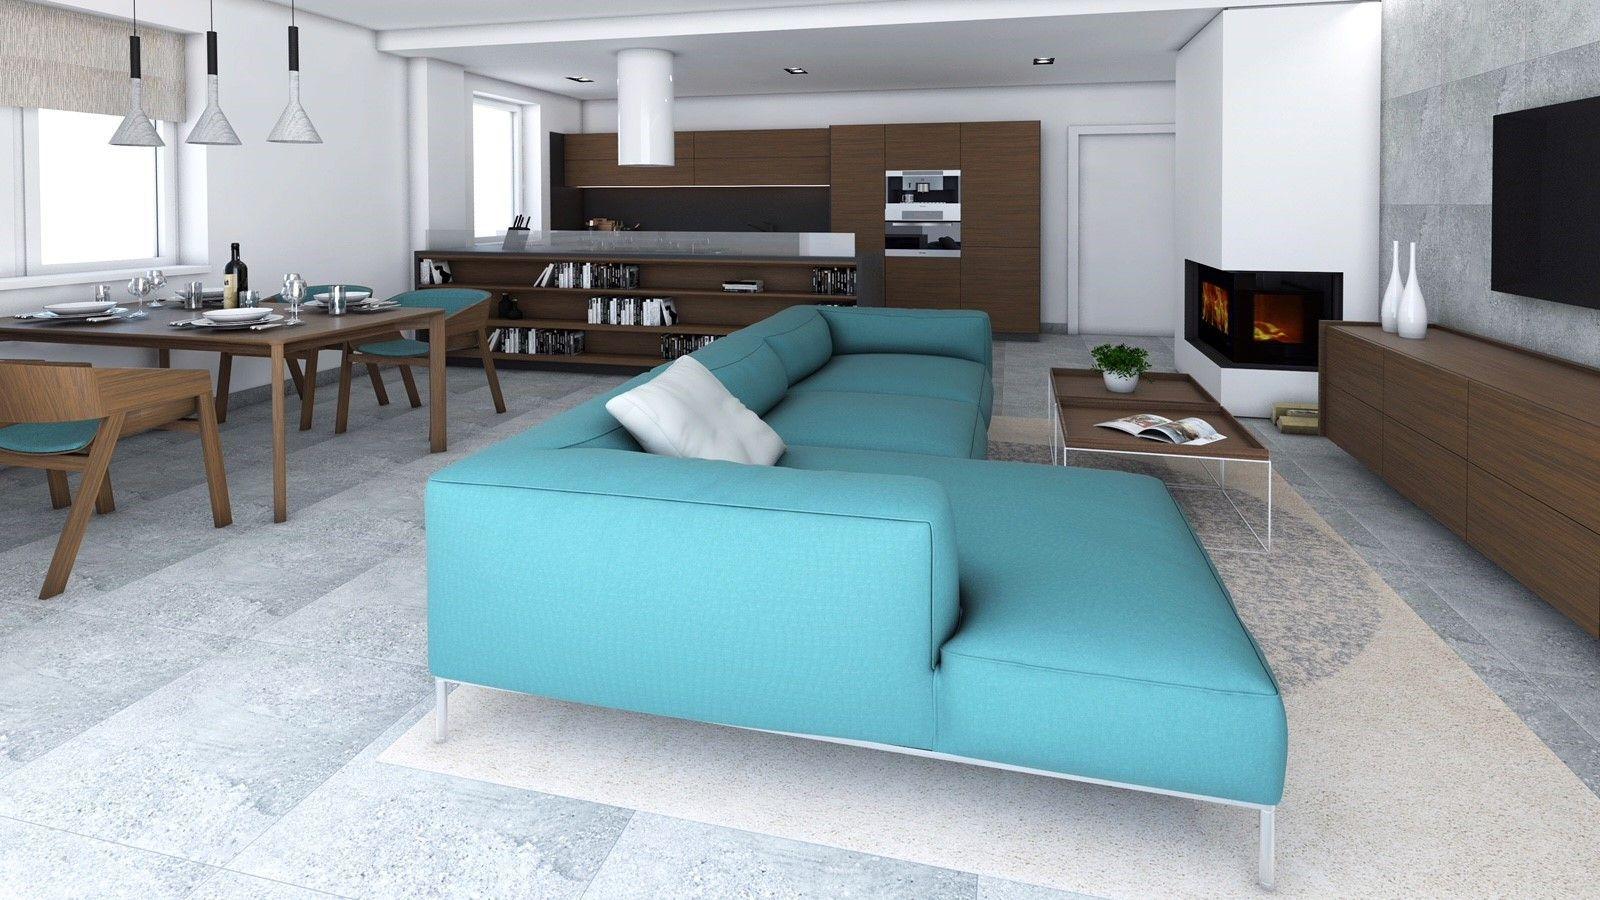 4-izbový byt-Predaj-Bratislava - mestská časť Rača-310000.00 €